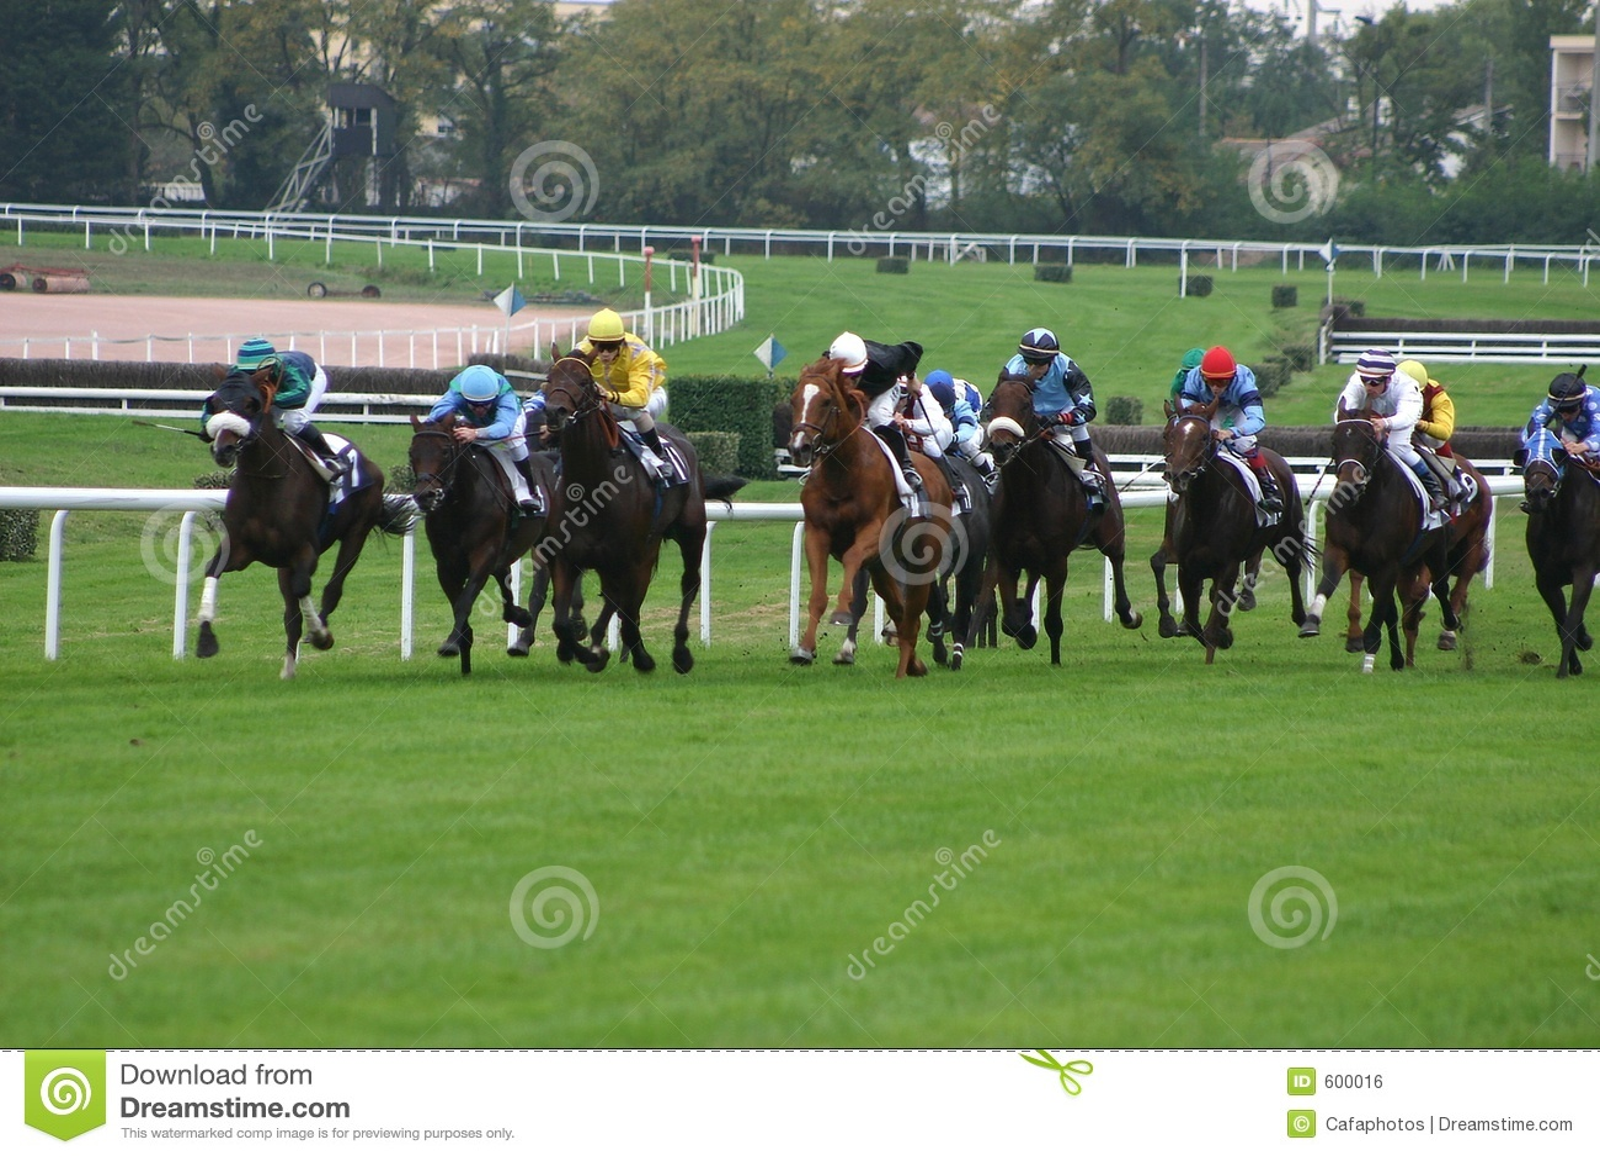 участвовать в гонке лошадей